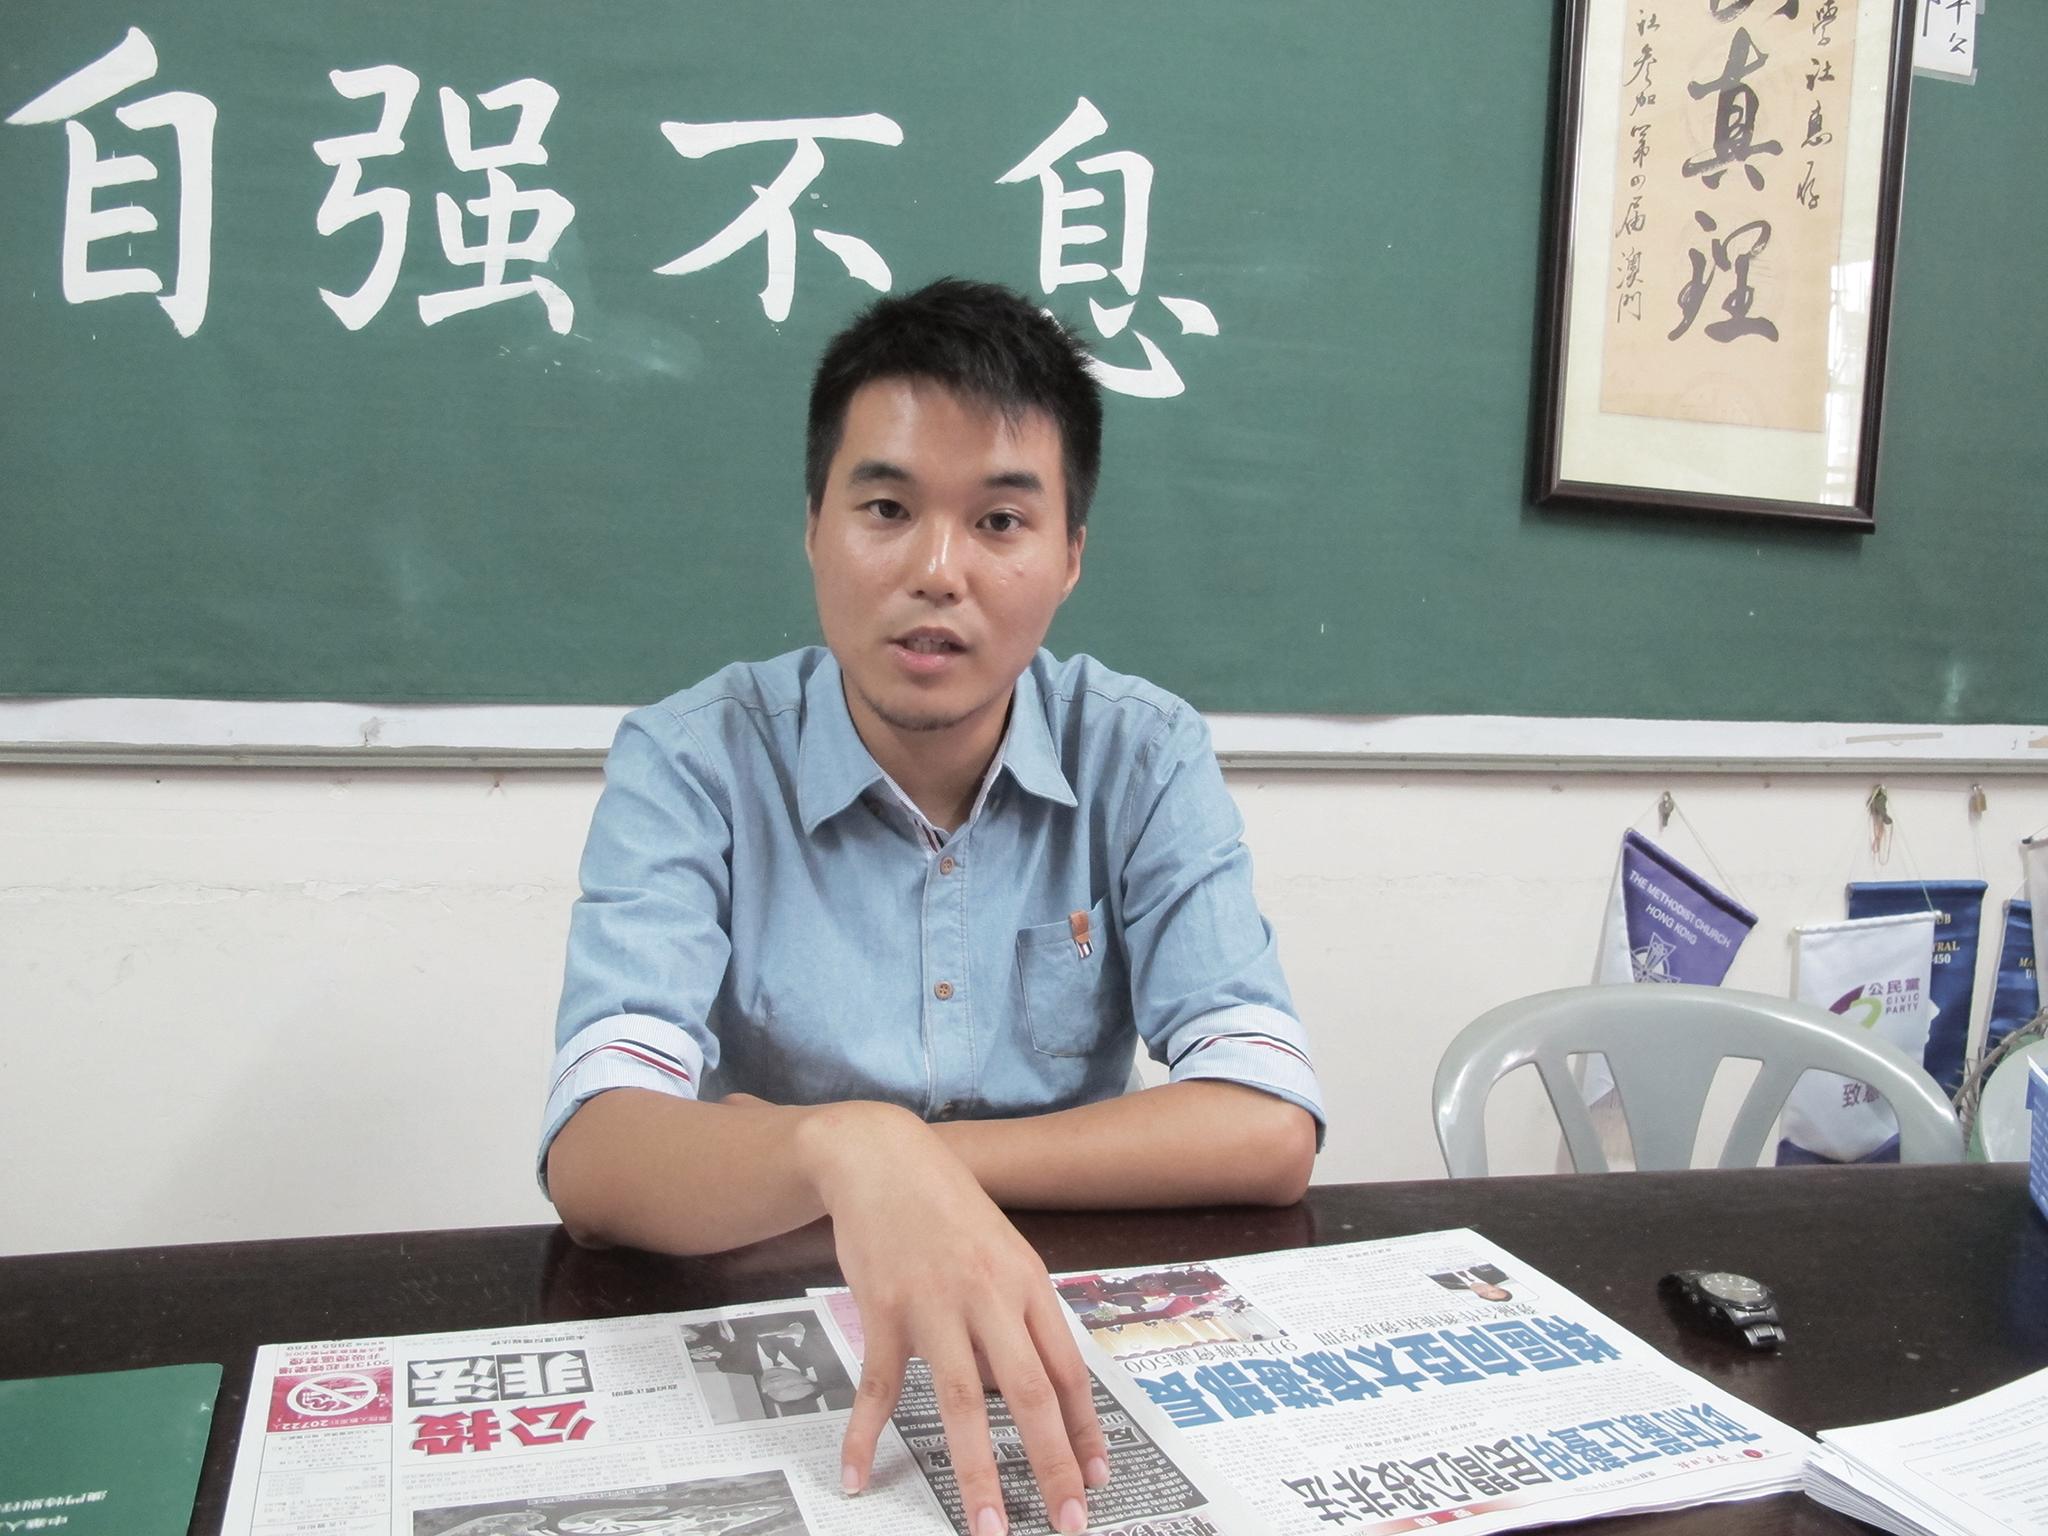 Eleições   Sulu Sou, o jovem rosto do campo pró-democrata